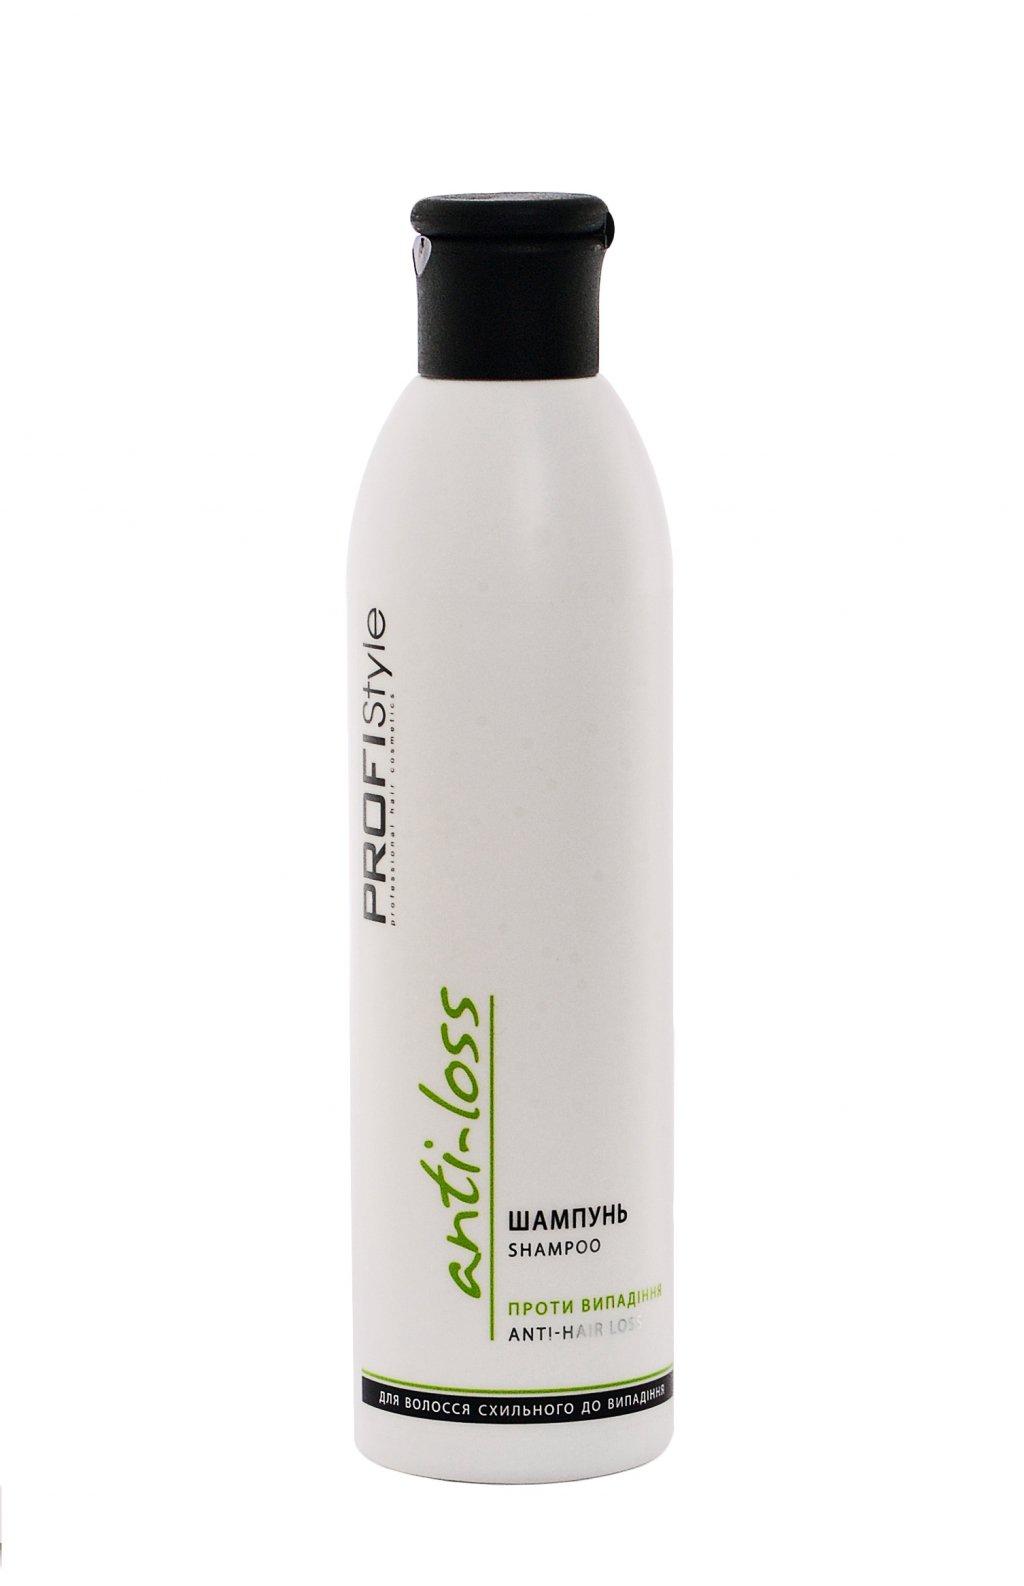 Шампунь проти выпадения волос PROFIStyle 250мл